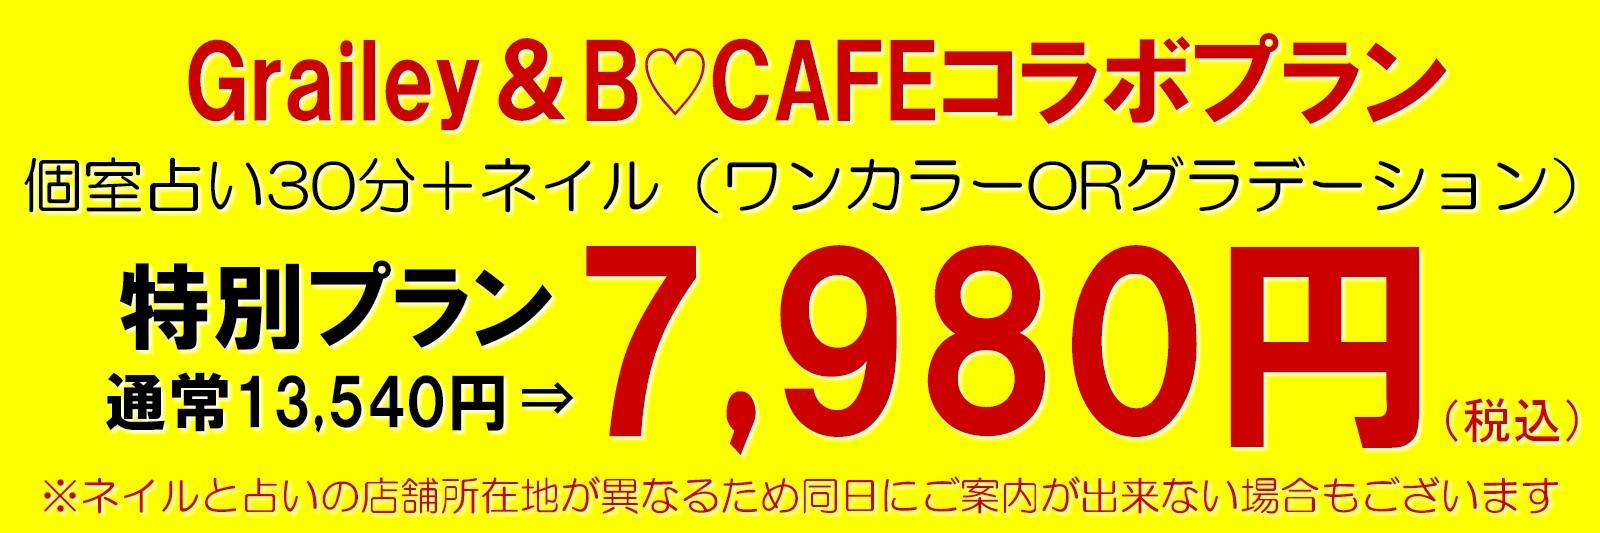 三軒茶屋ネイル安いなら技術力の高いネイルサロン・グレイリーと当たると評判の占い館ビーカフェがコラボした『ネイル&占い付きプラン』通常13540円→【7980円】がオススメです。